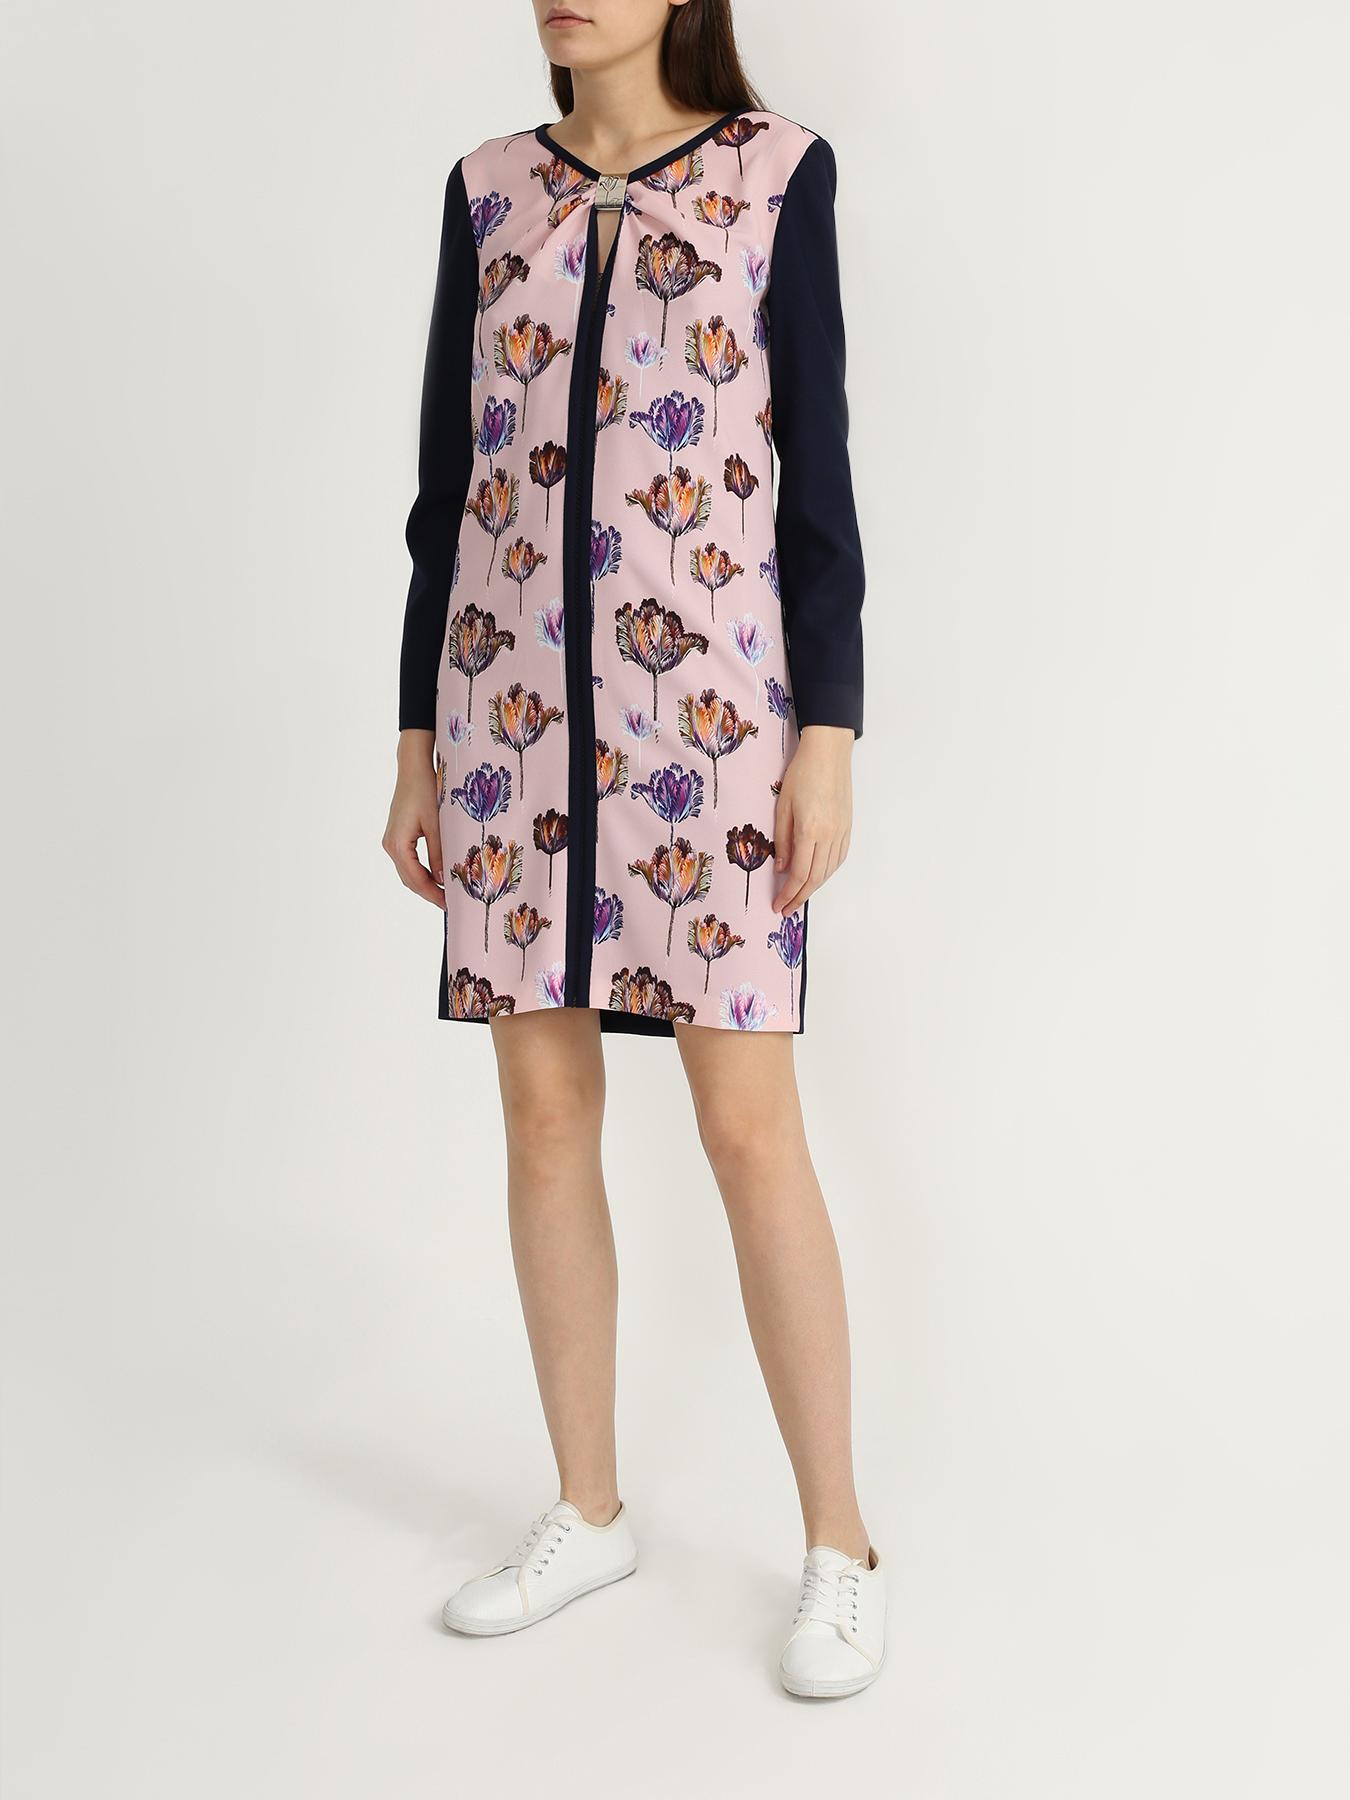 Korpo Платье с цветочными узорами фото